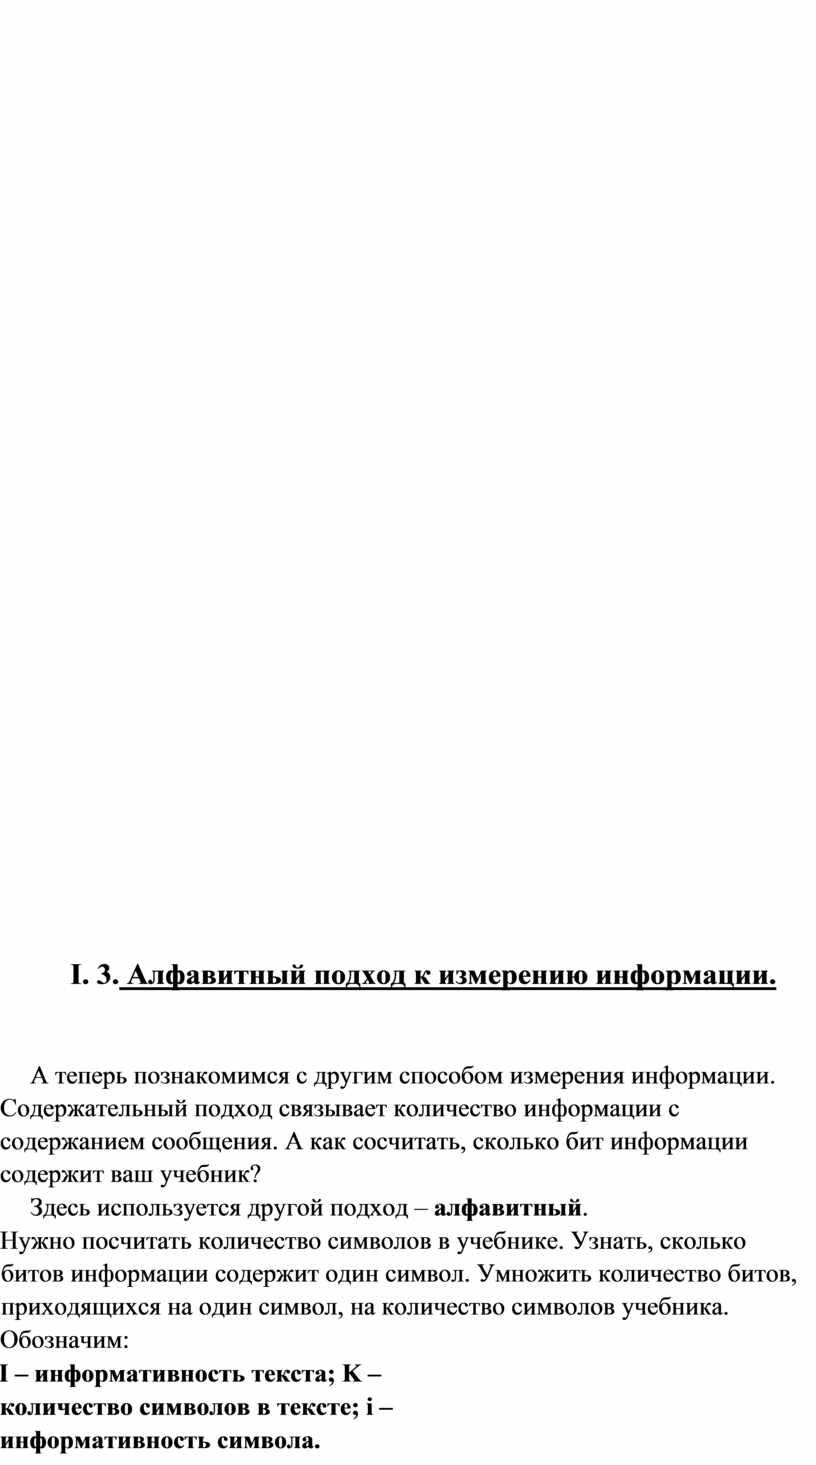 I. 3. Алфавитный подход к измерению информации